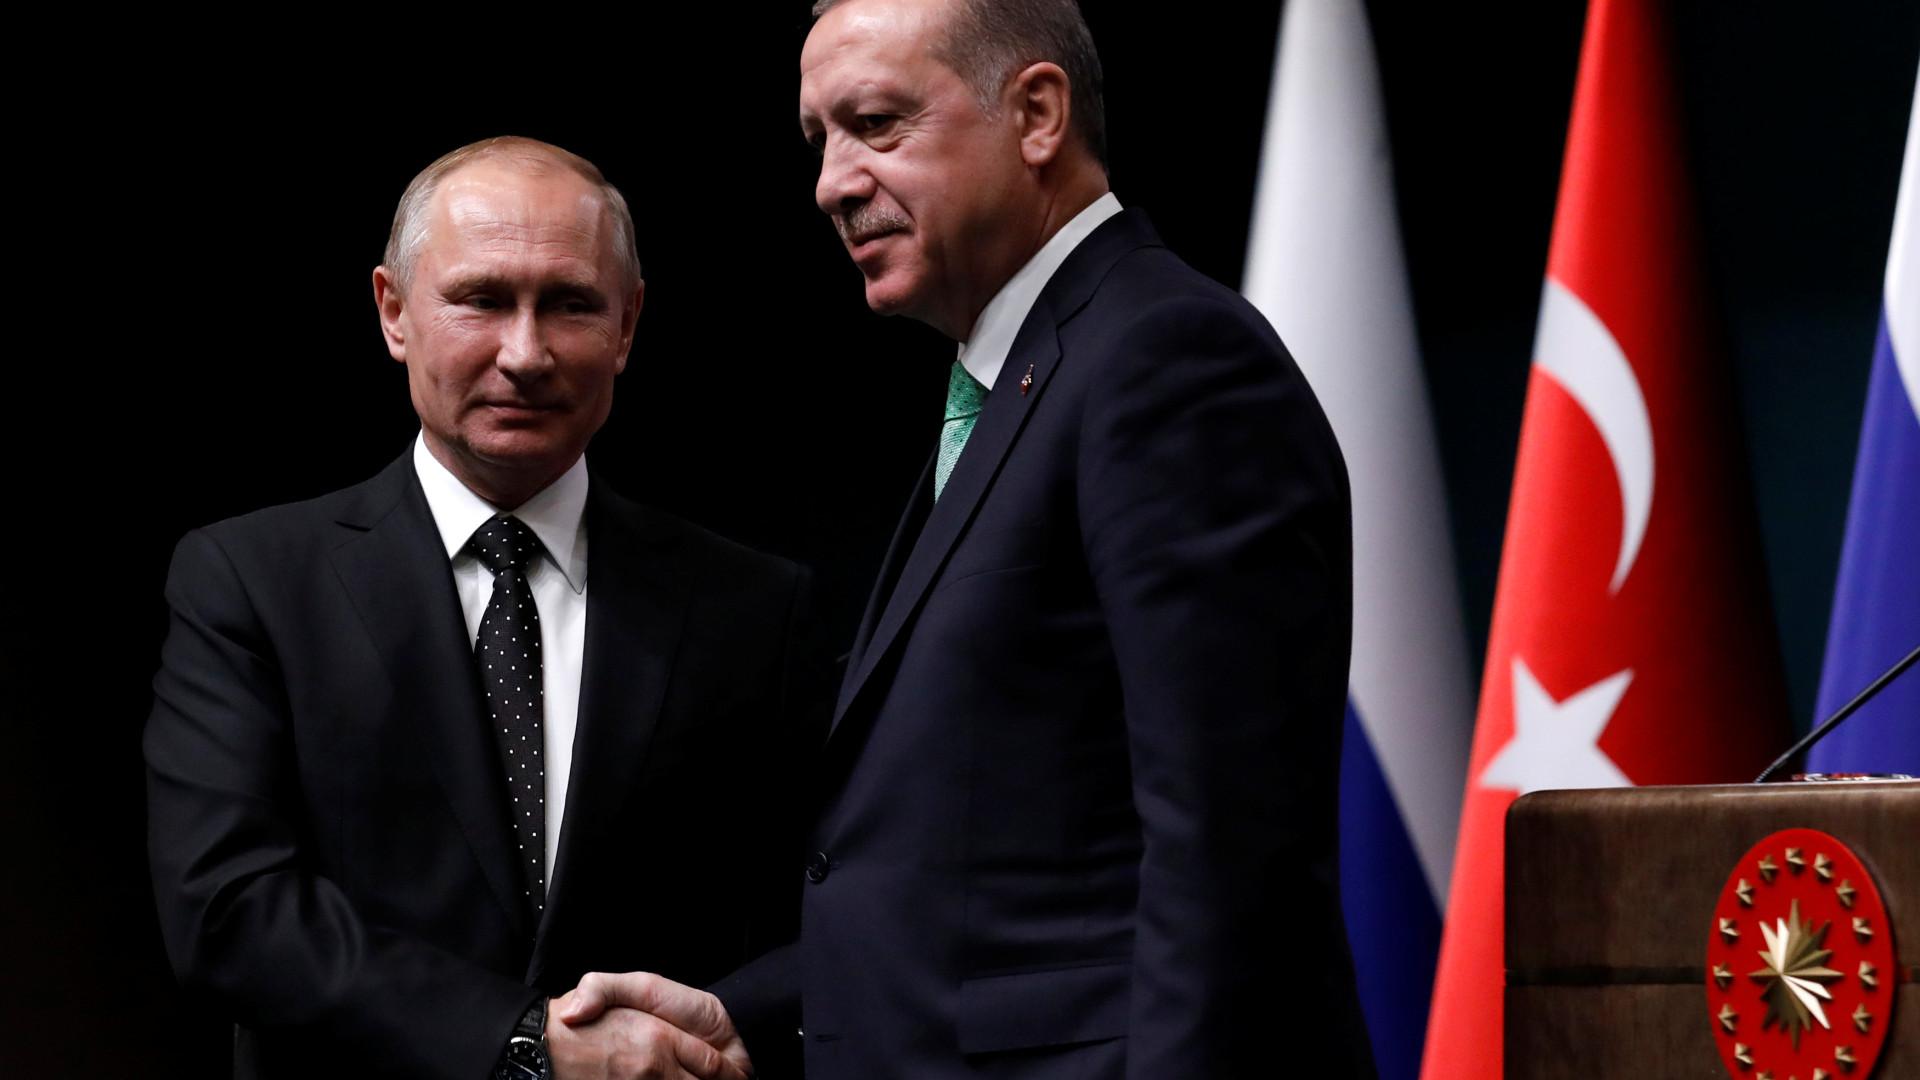 Síria: Presidentes turco e russo discutem ofensiva na terça-feira